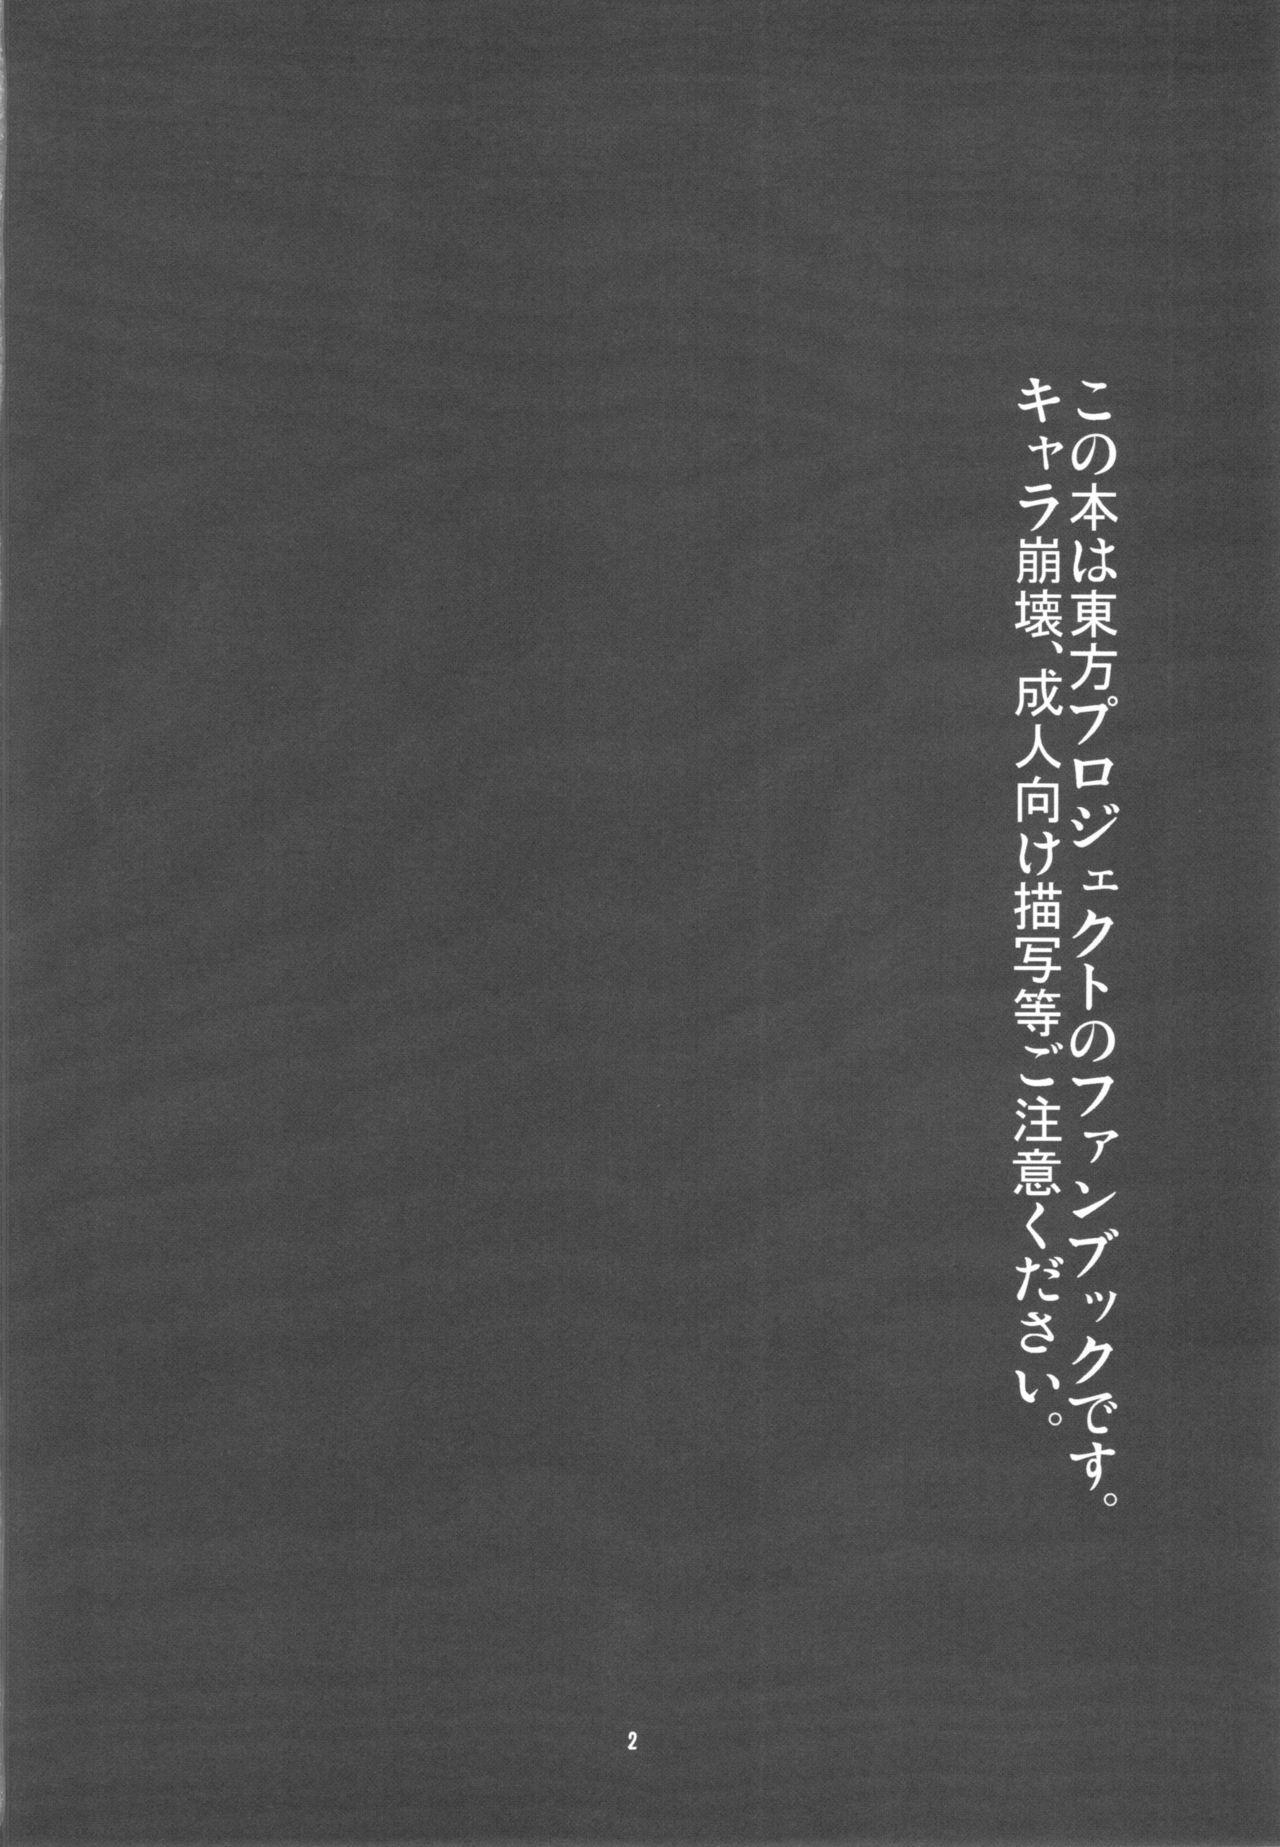 Hontou wa S-i Kazami Yuuka 3